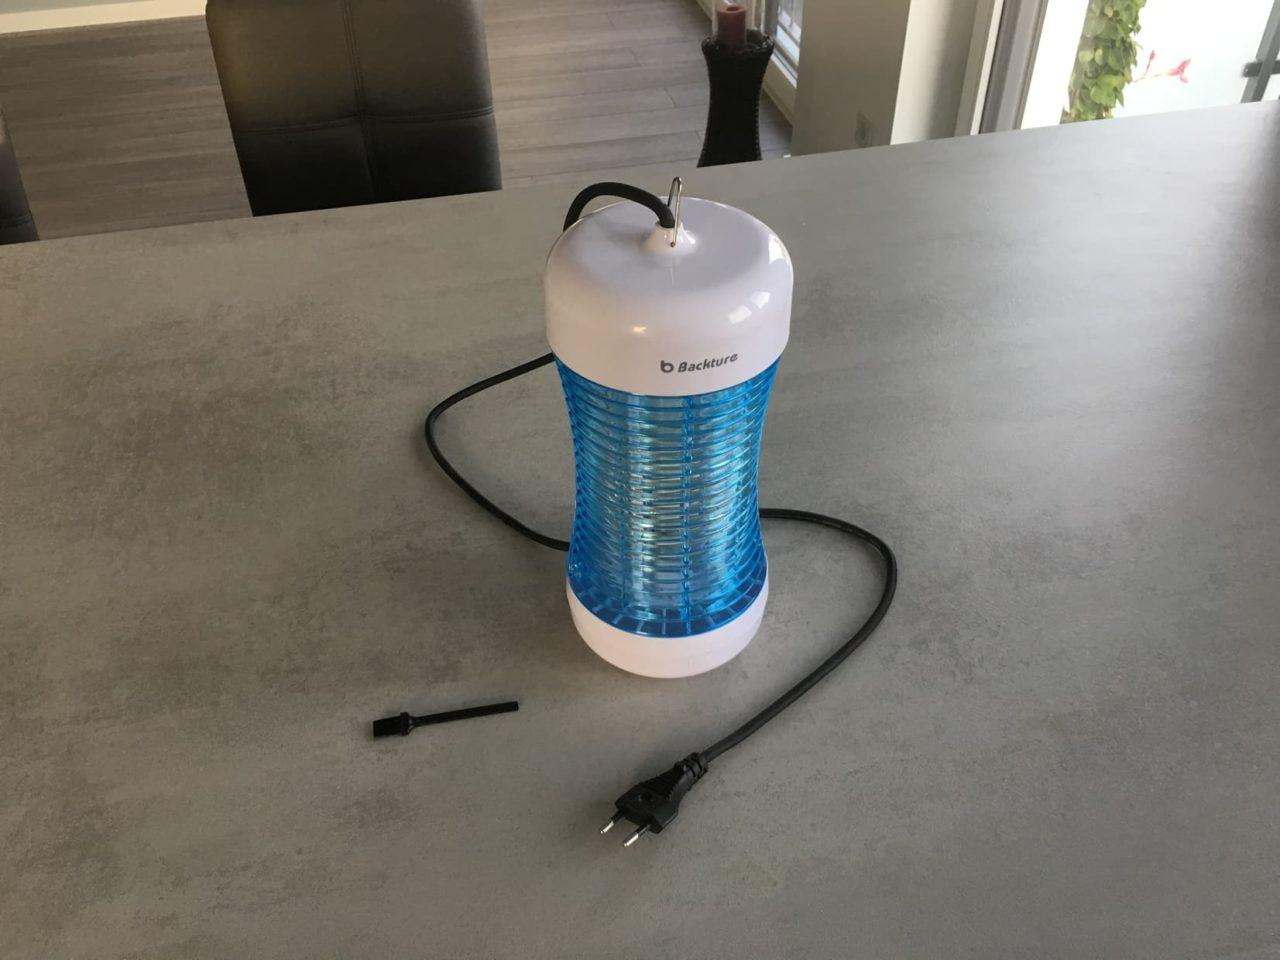 elektrische Fliegenfalle Backture mit Reinigungsbürste